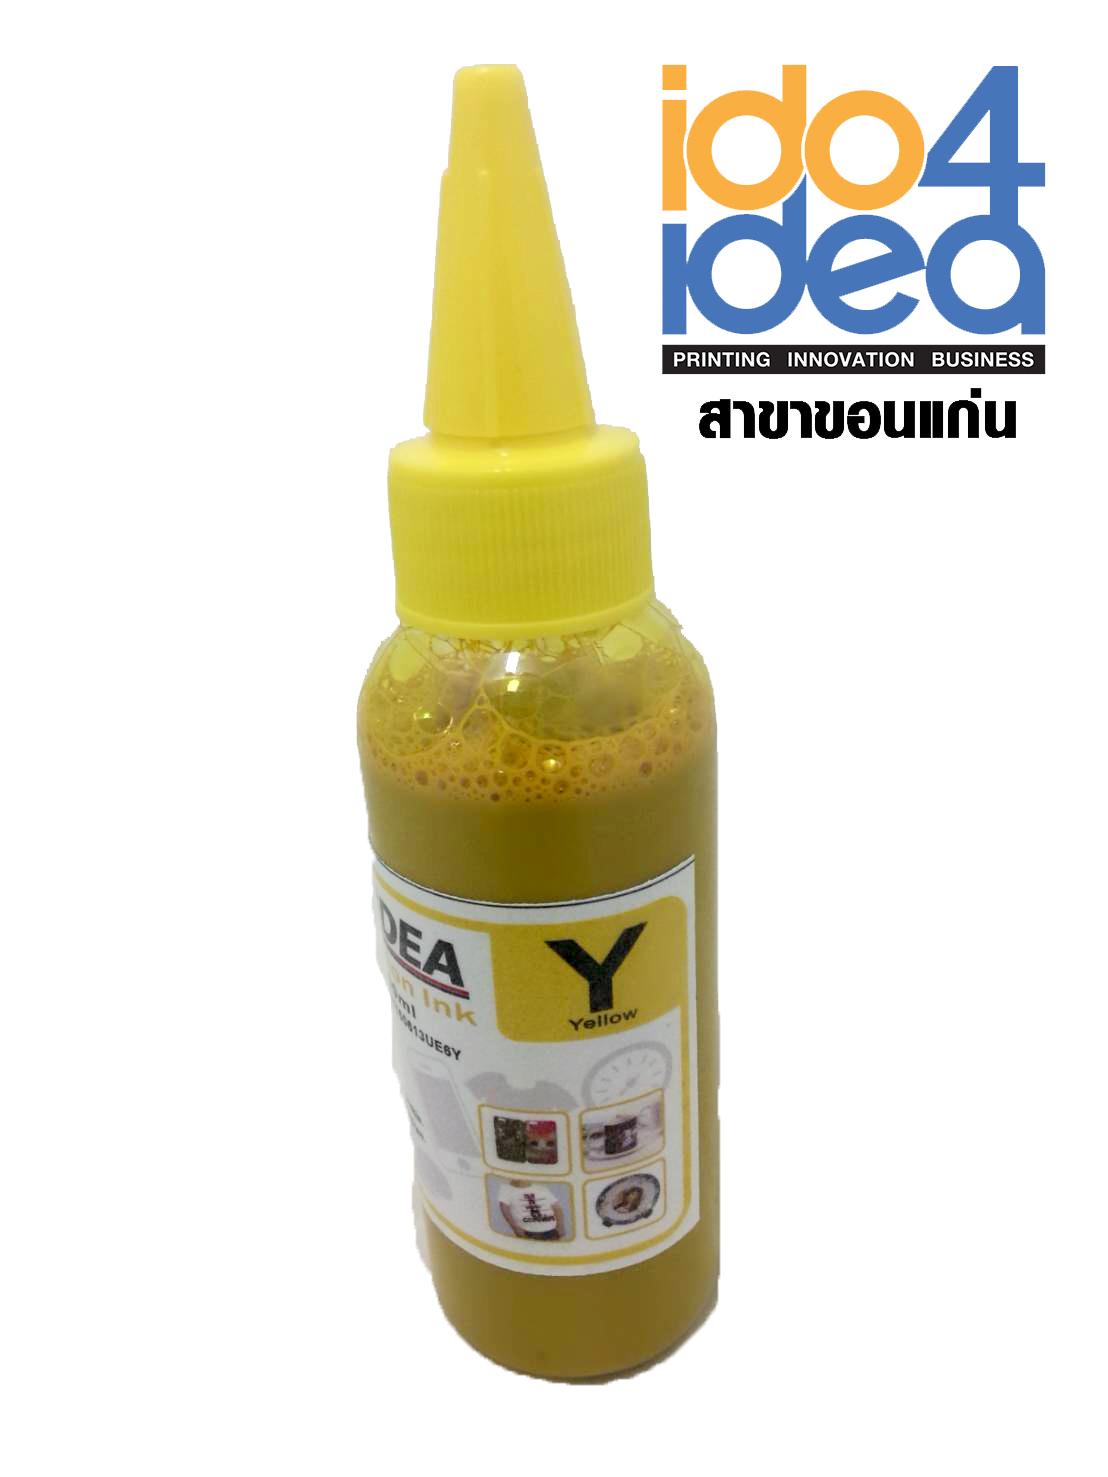 น้ำหมึก Sublimation สีเหลือง